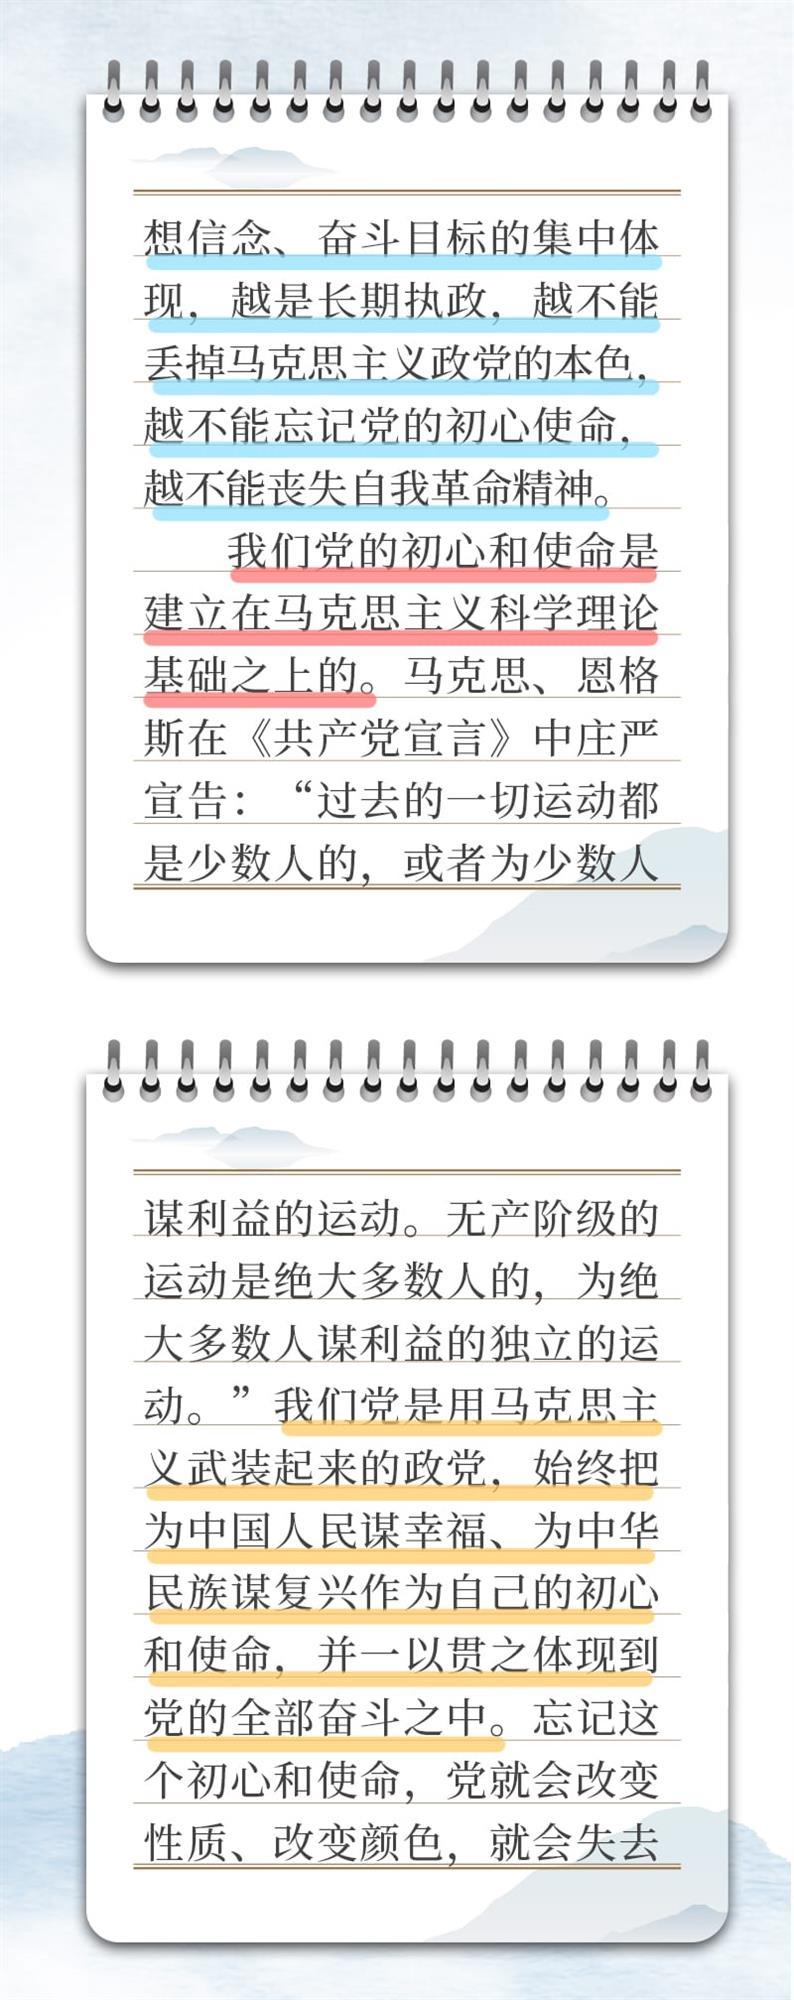 云听·学习笔记⑩牢记初心使命,推进自我革命